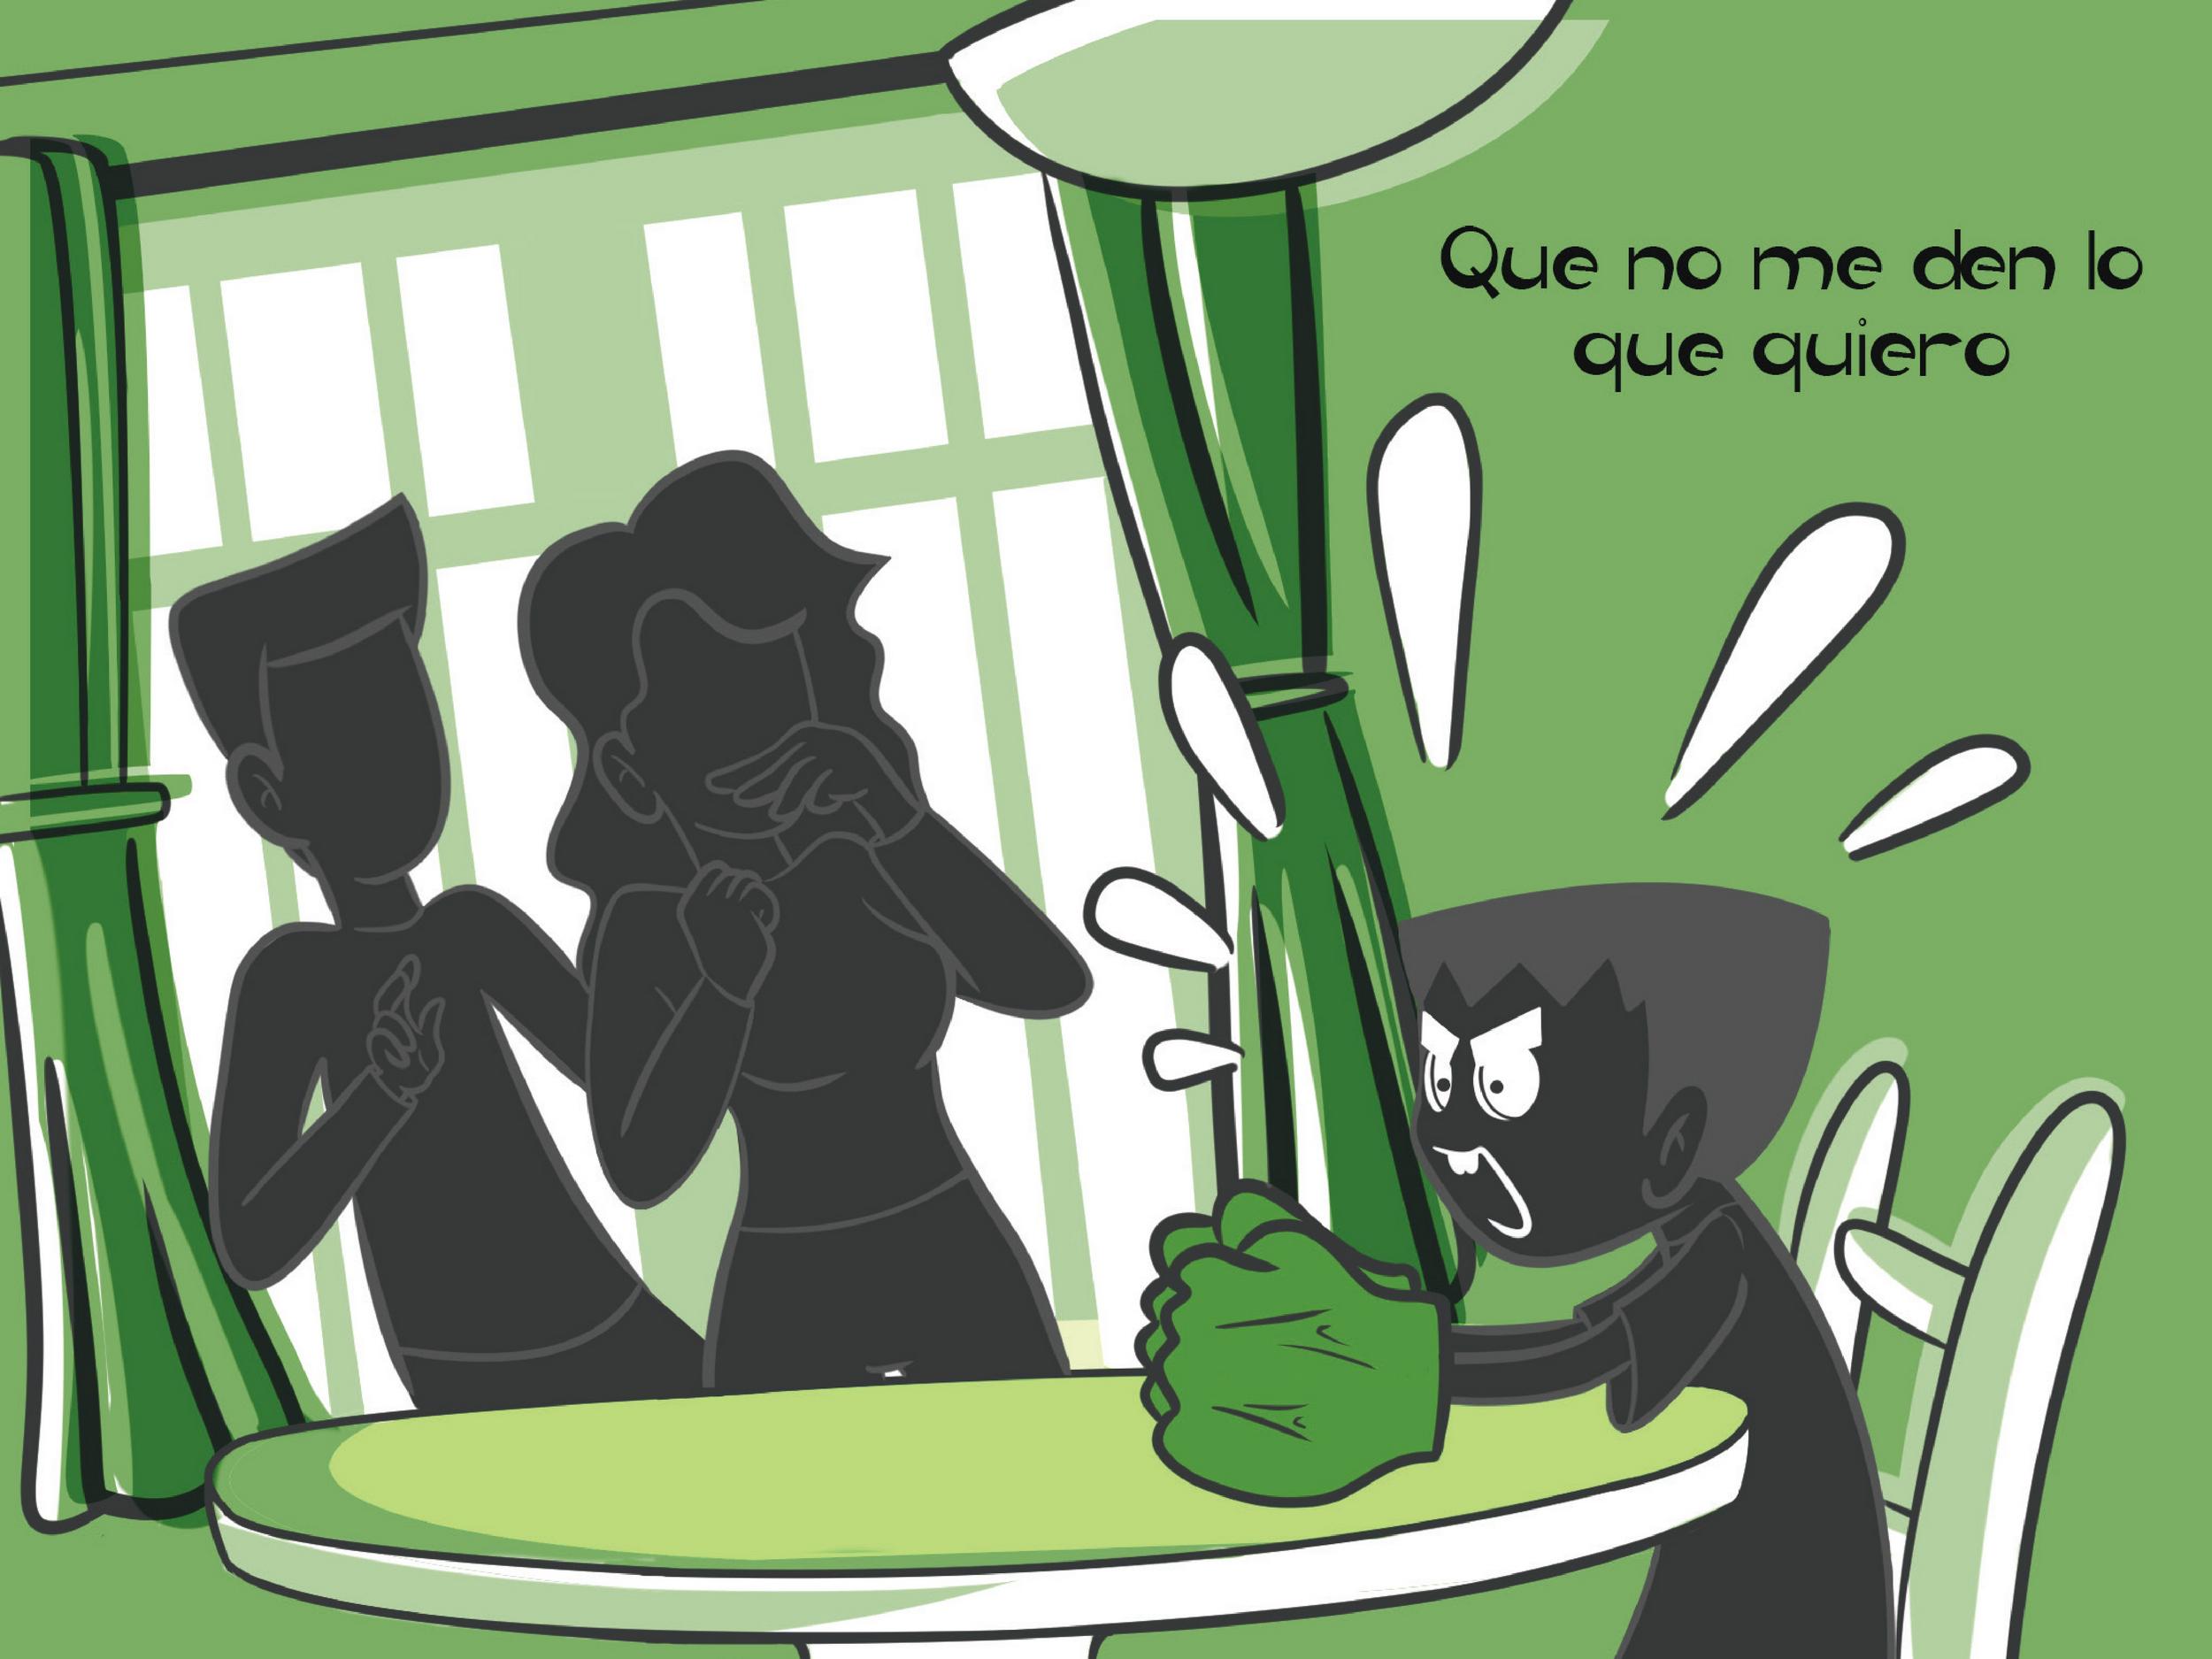 El_niño_puños_Hulk_Javi_Fernandez_Mañas_El niño con los puños de Hulk_page-0010_2500_0010